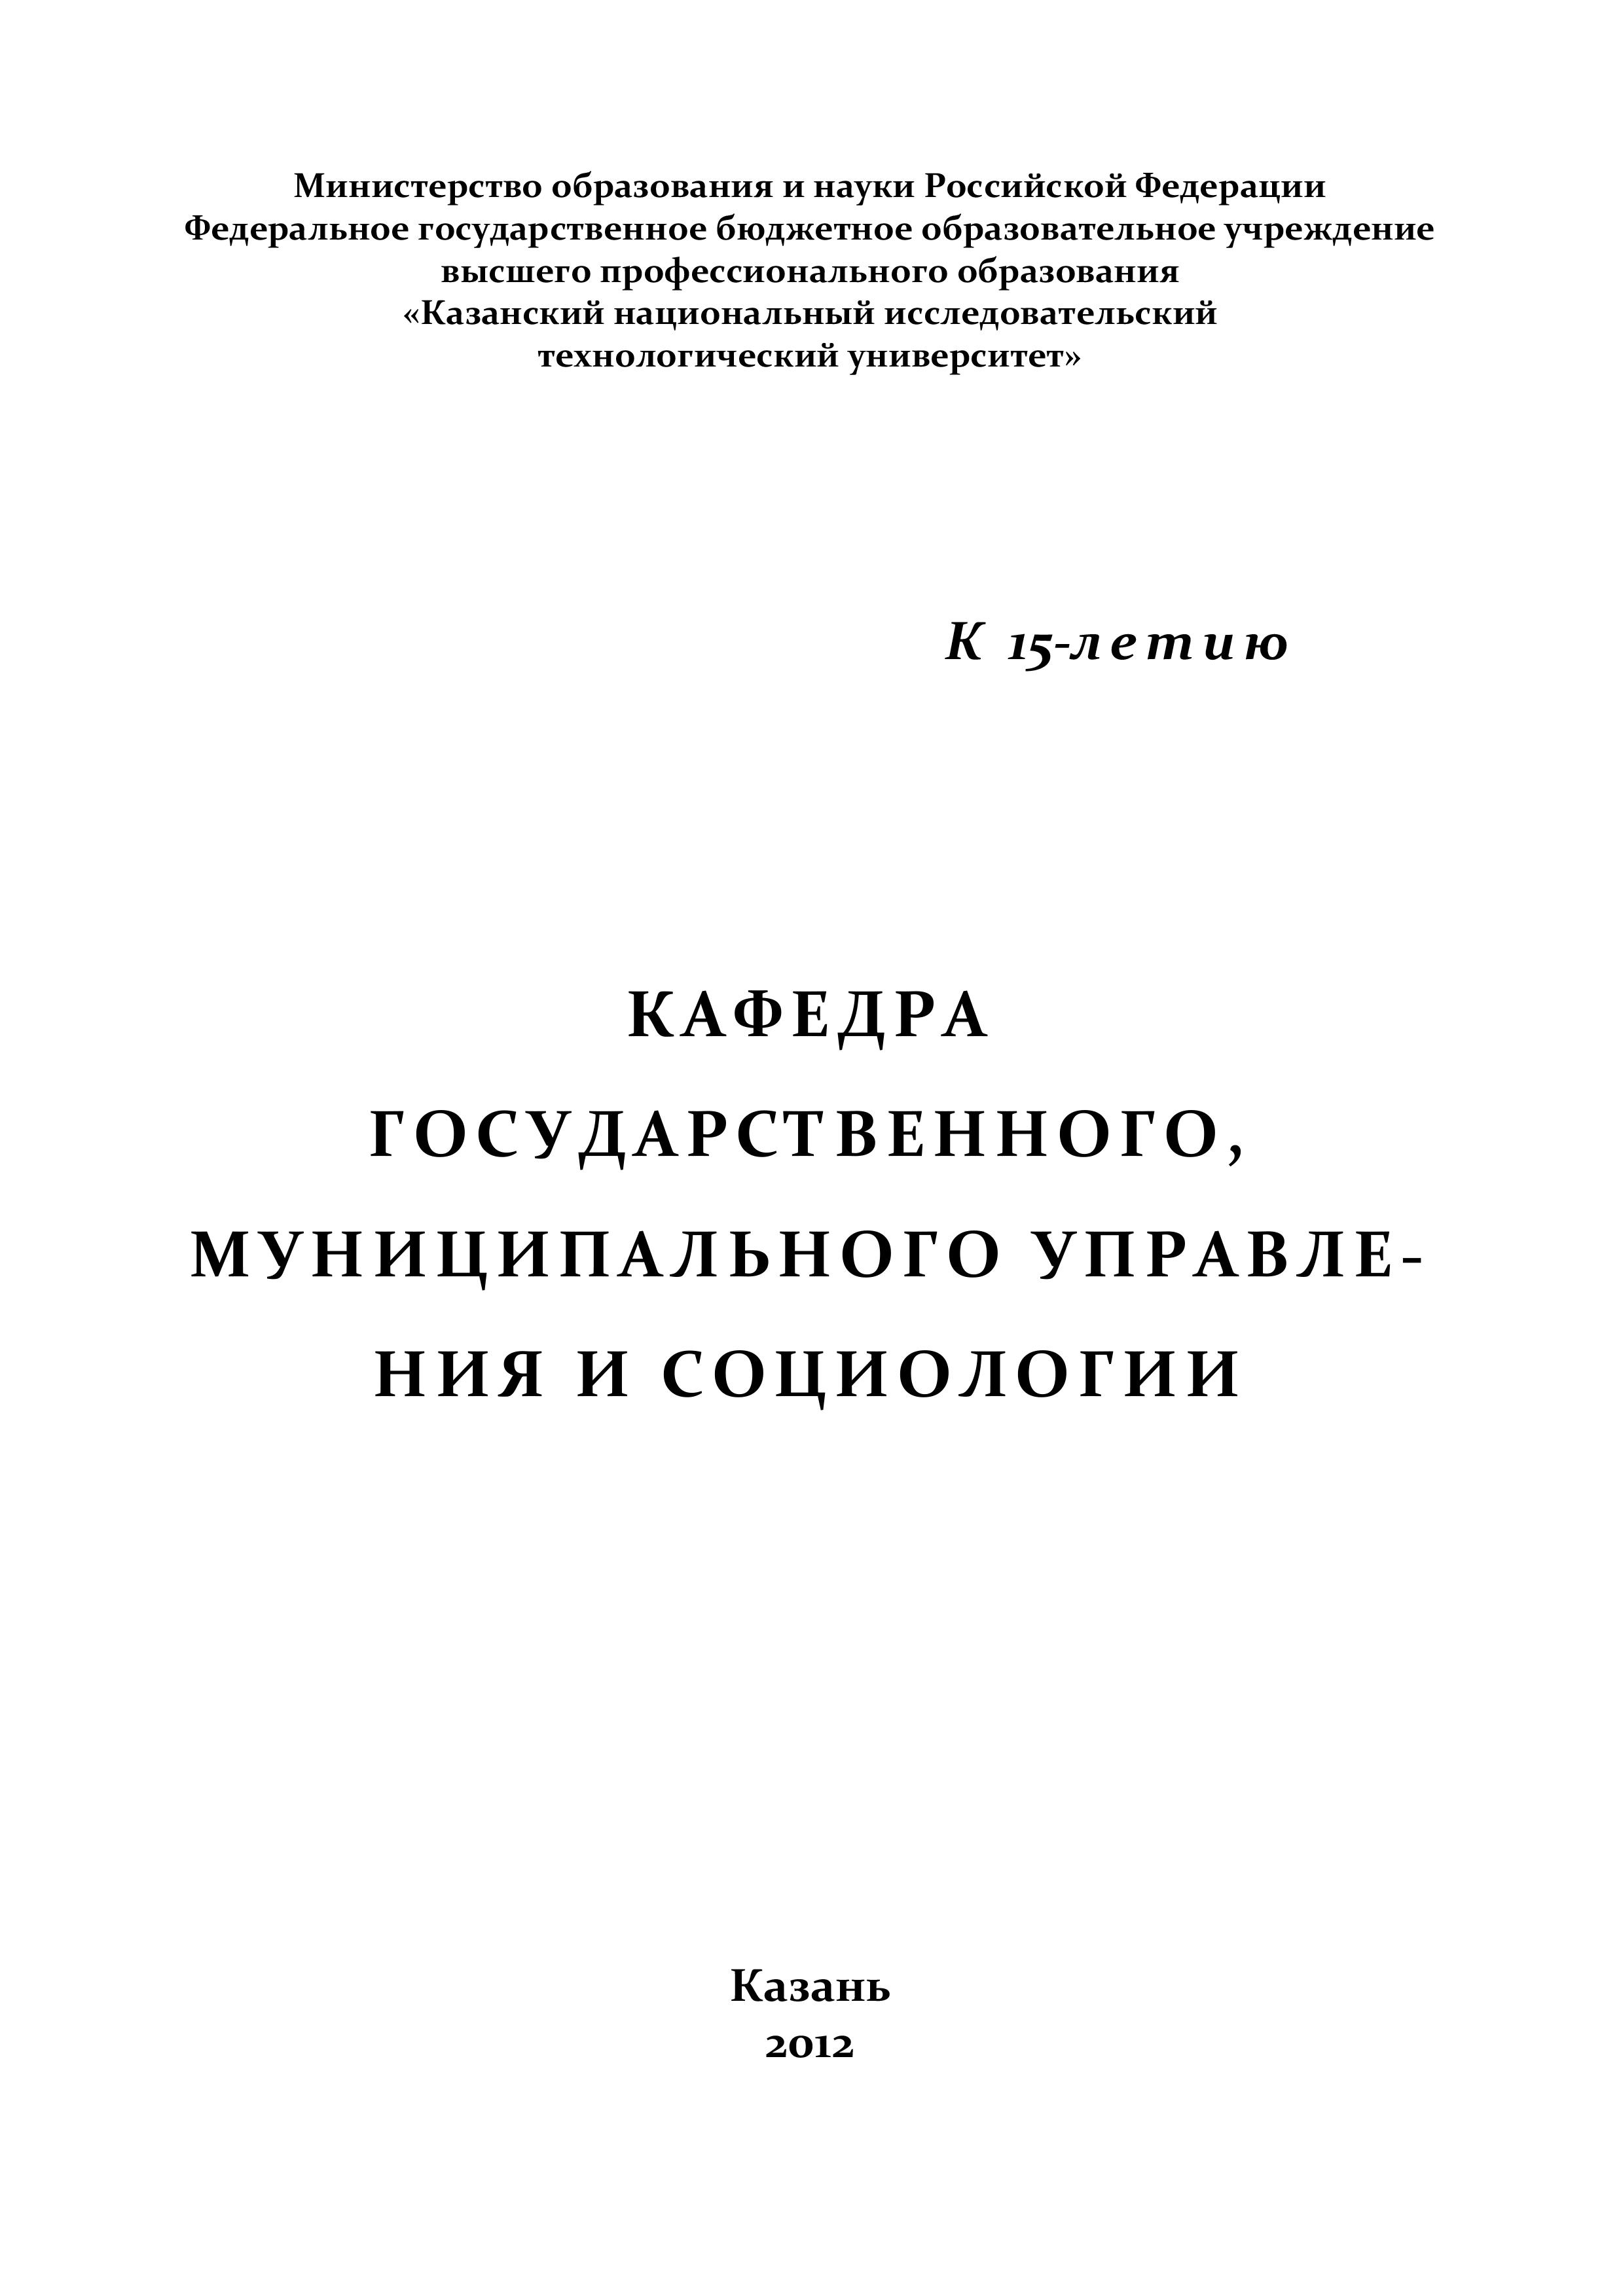 Кафедра государственного, муниципального управления и социологии